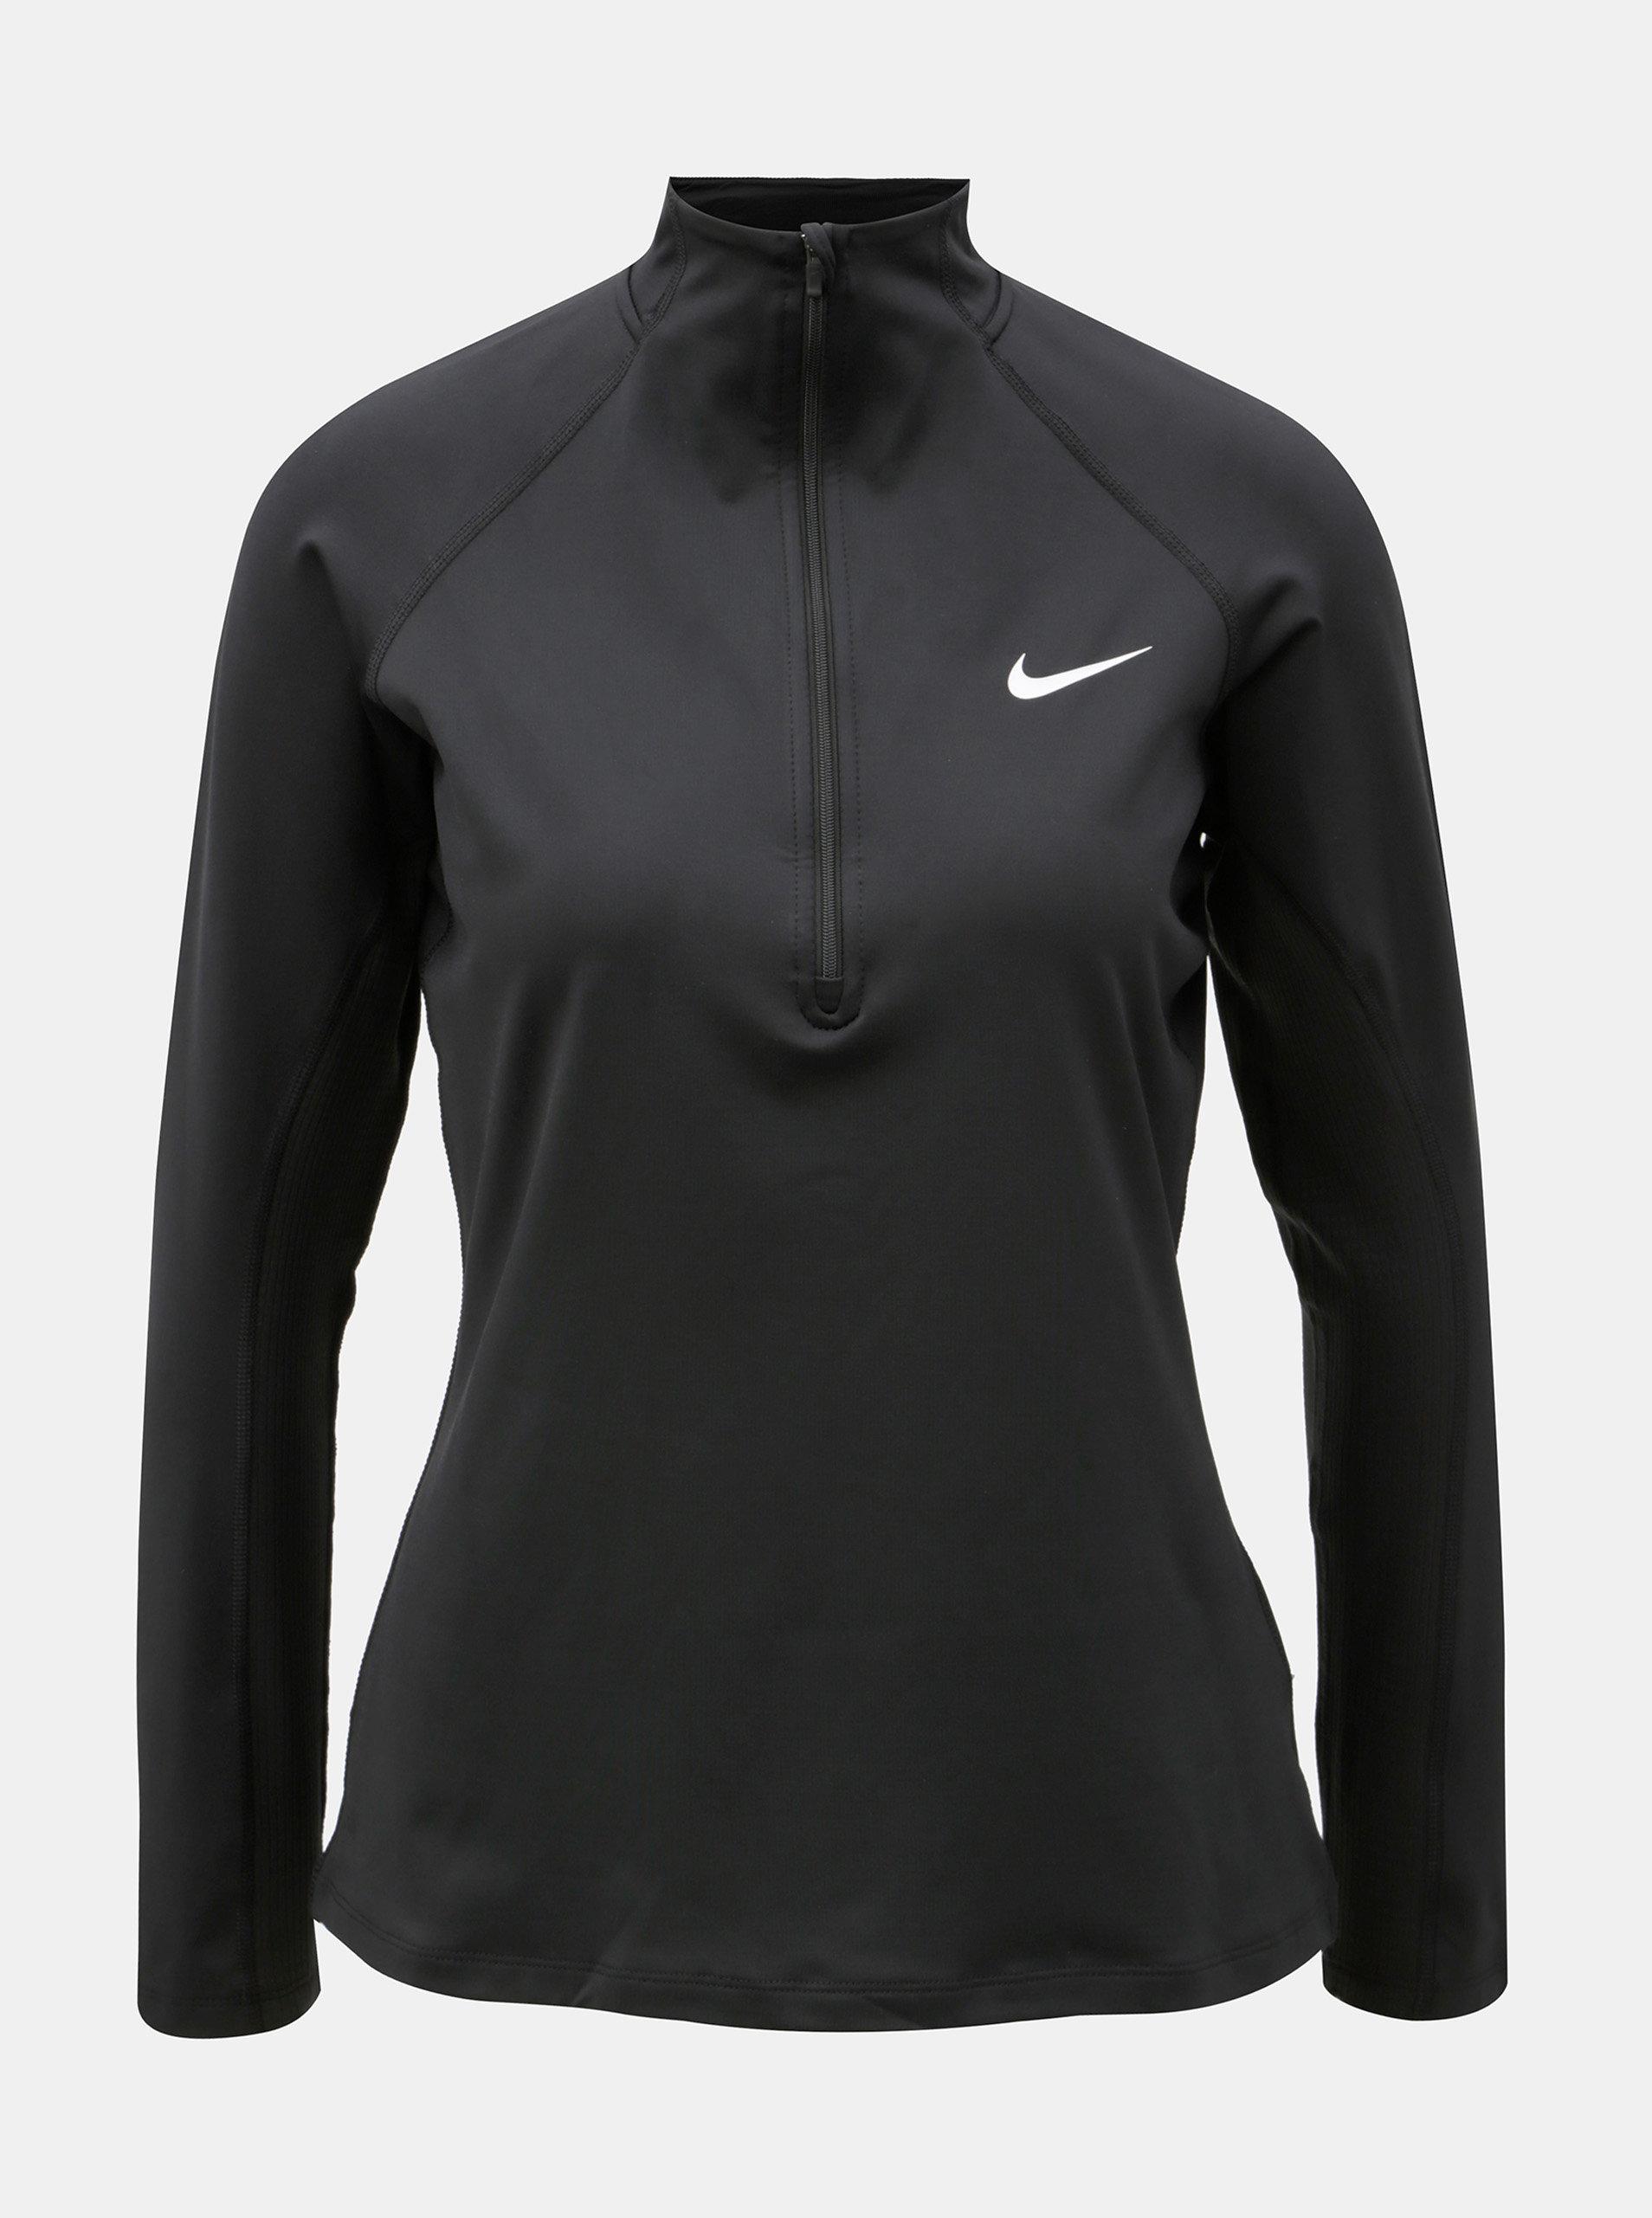 Černé dámské funkční tričko Nike ... 0f07259c25